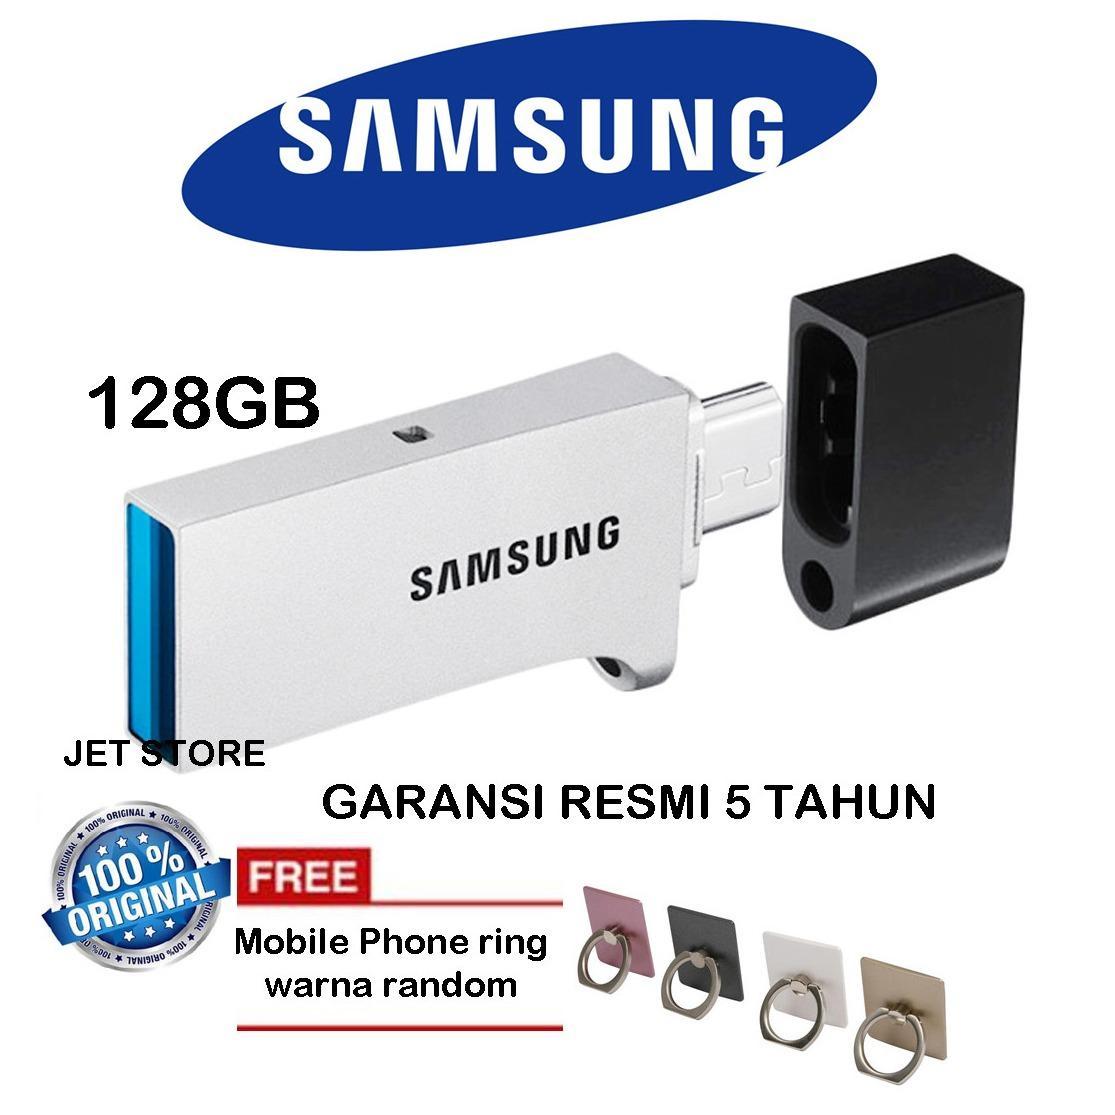 Toko Samsung Flashdisk Otg Usb 3 128Gb Duo Drive Iring Mobile Phone Murah Dki Jakarta